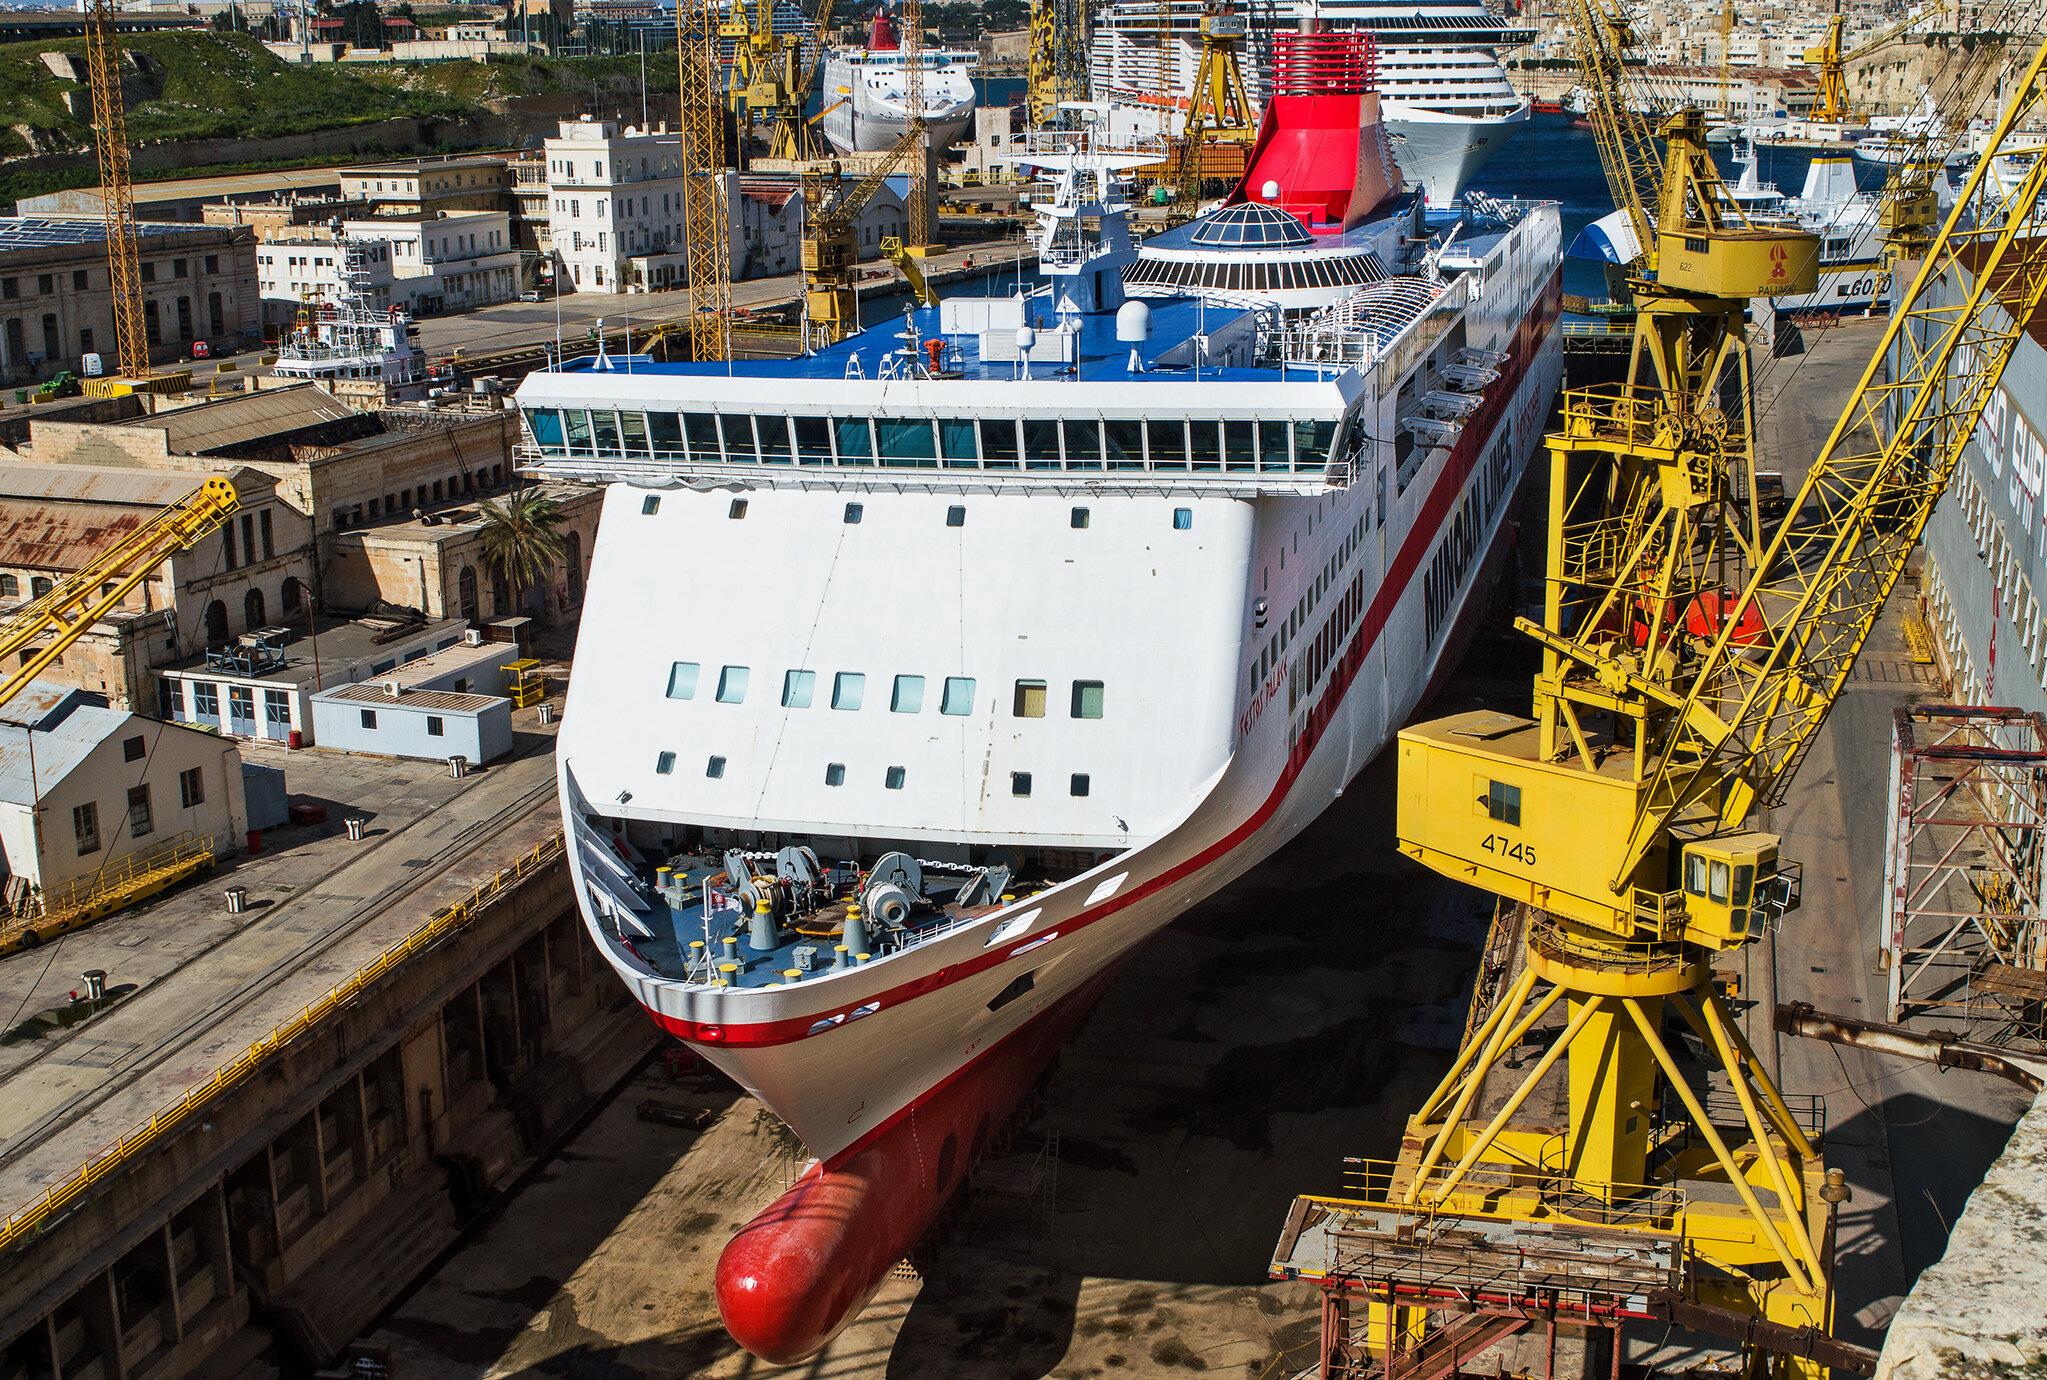 Festos Palace & Cruise Olympia